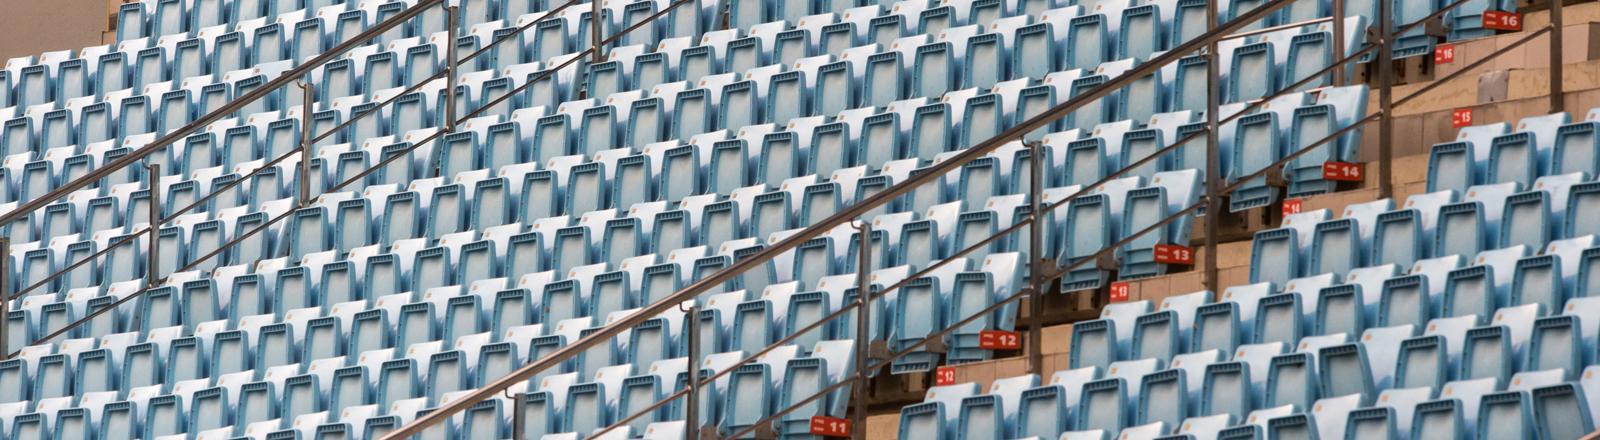 Die Arena Khimki in Moskau